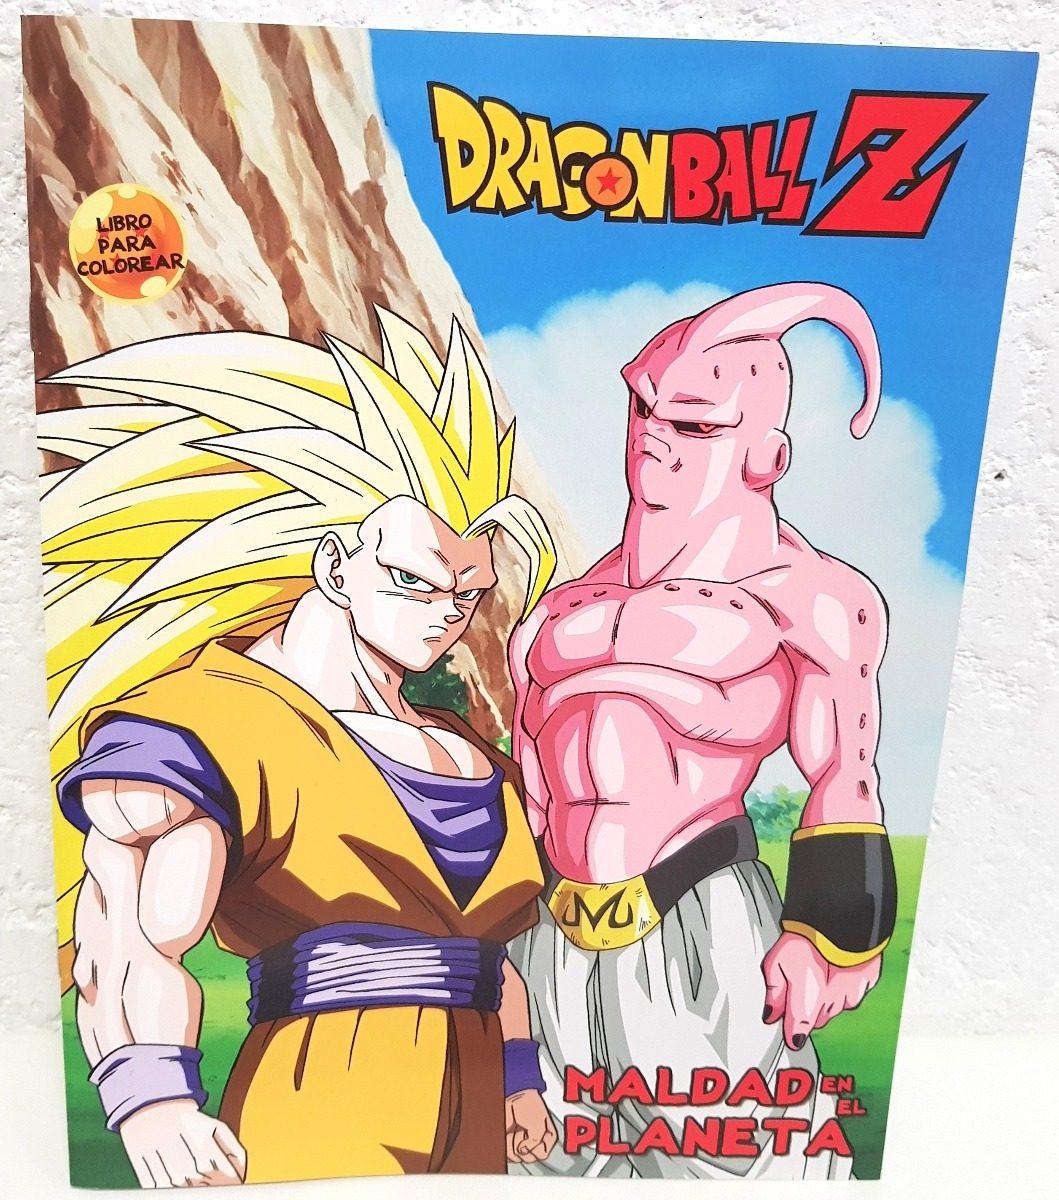 Libros Colorear Dragon Ball Z 10 Pz Regalos 16 Paginas - $ 70.00 en ...